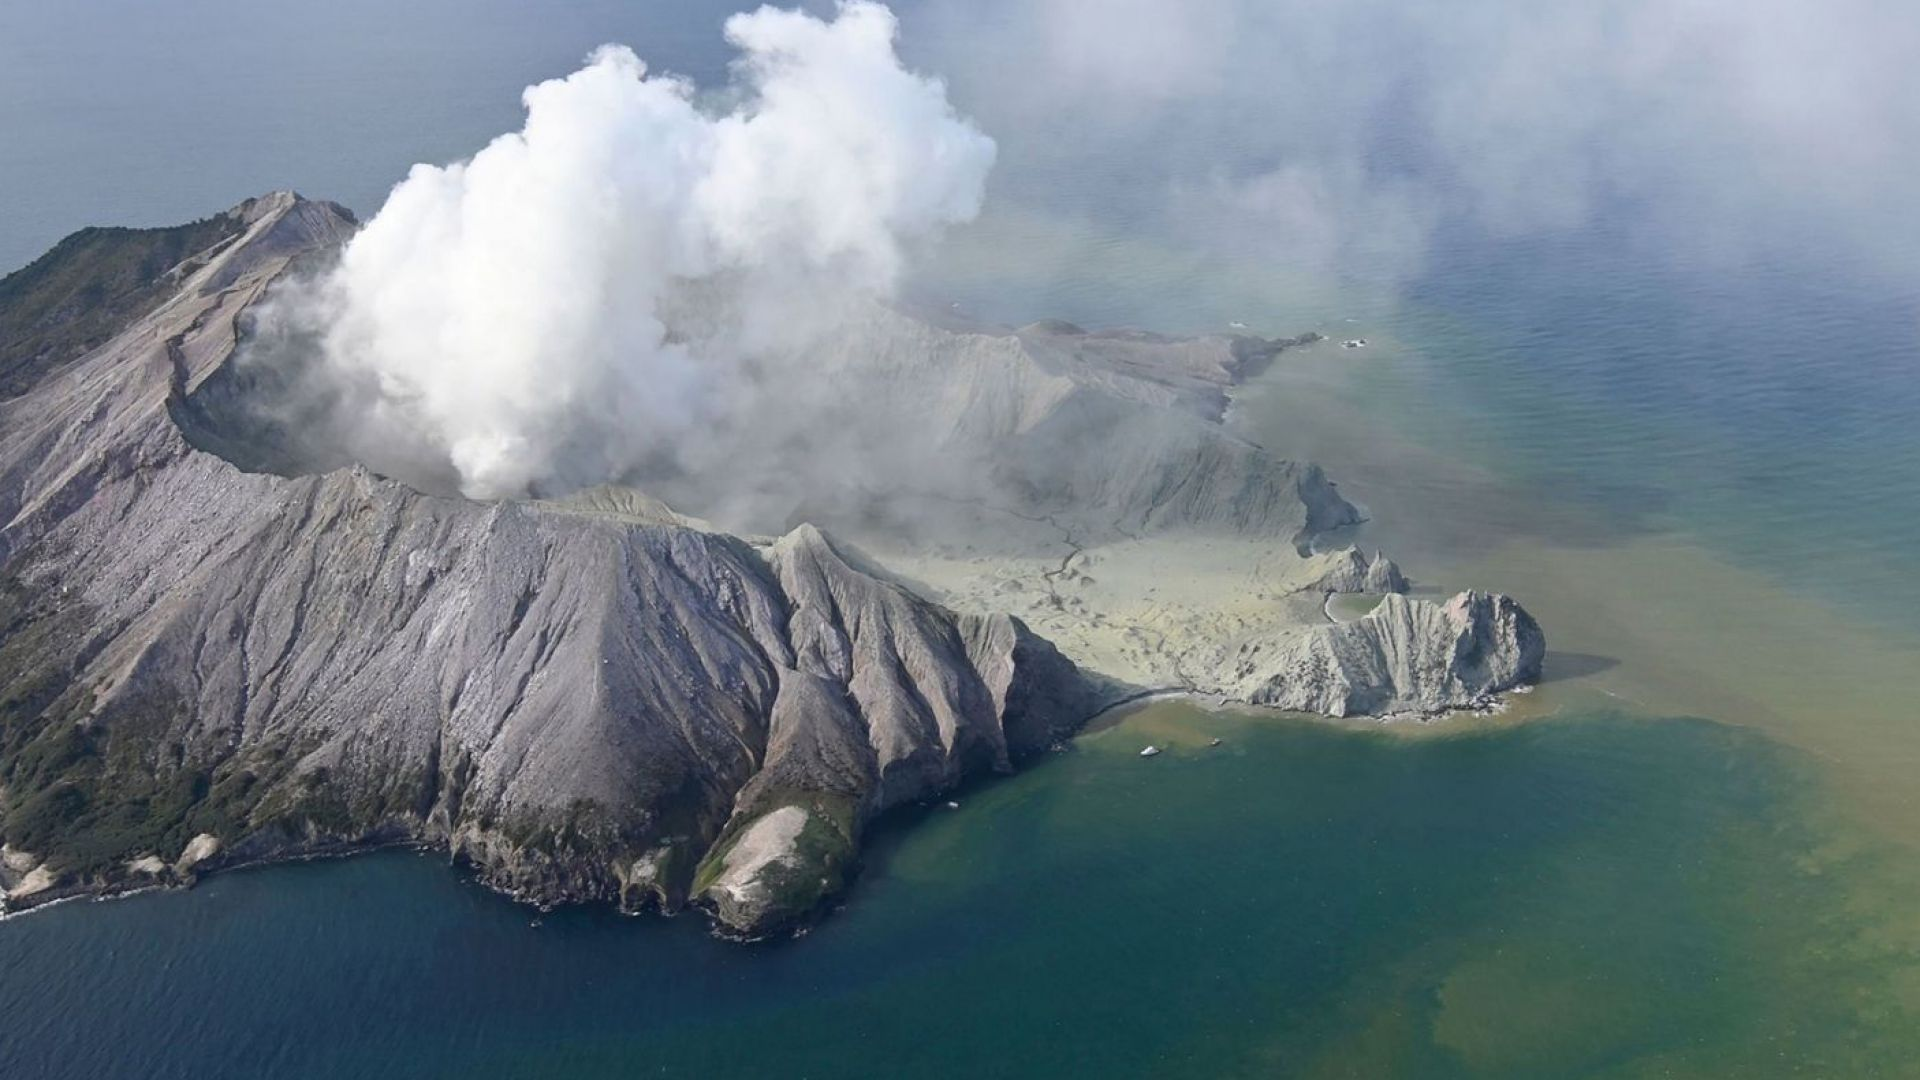 Осем души продължават да са безследно изчезнали ден след изригването